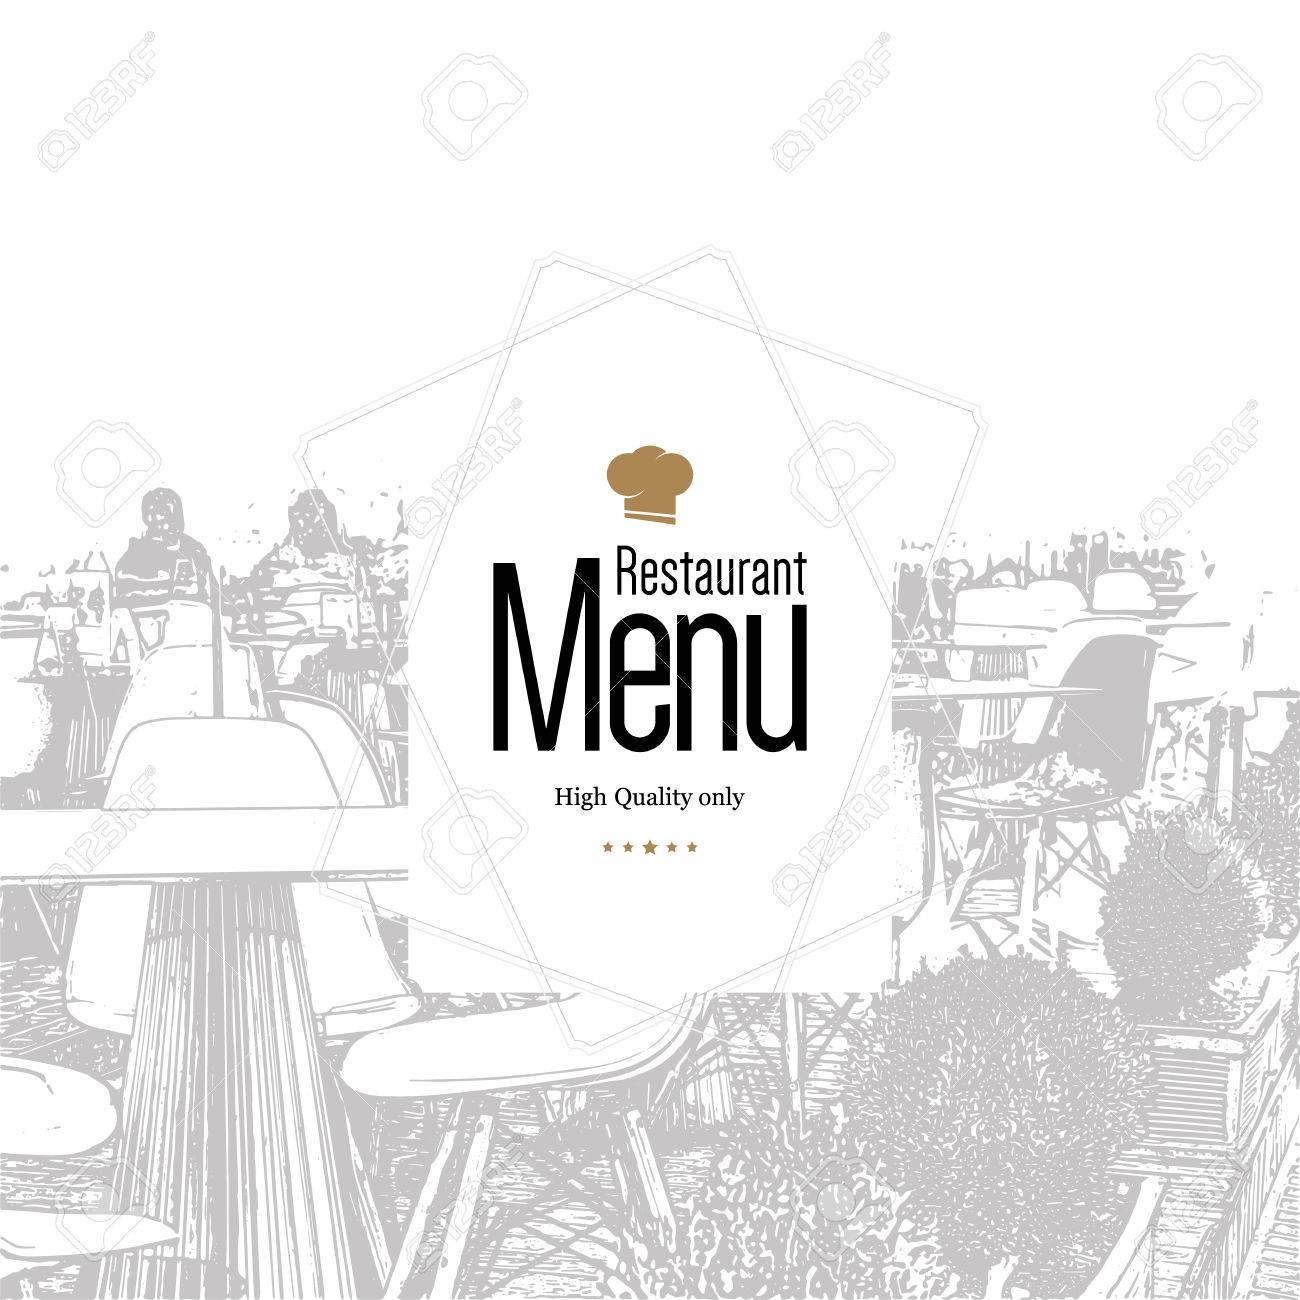 Restaurant Menu Design Vector Menu Brochure Template For Cafe - Menu brochure template free